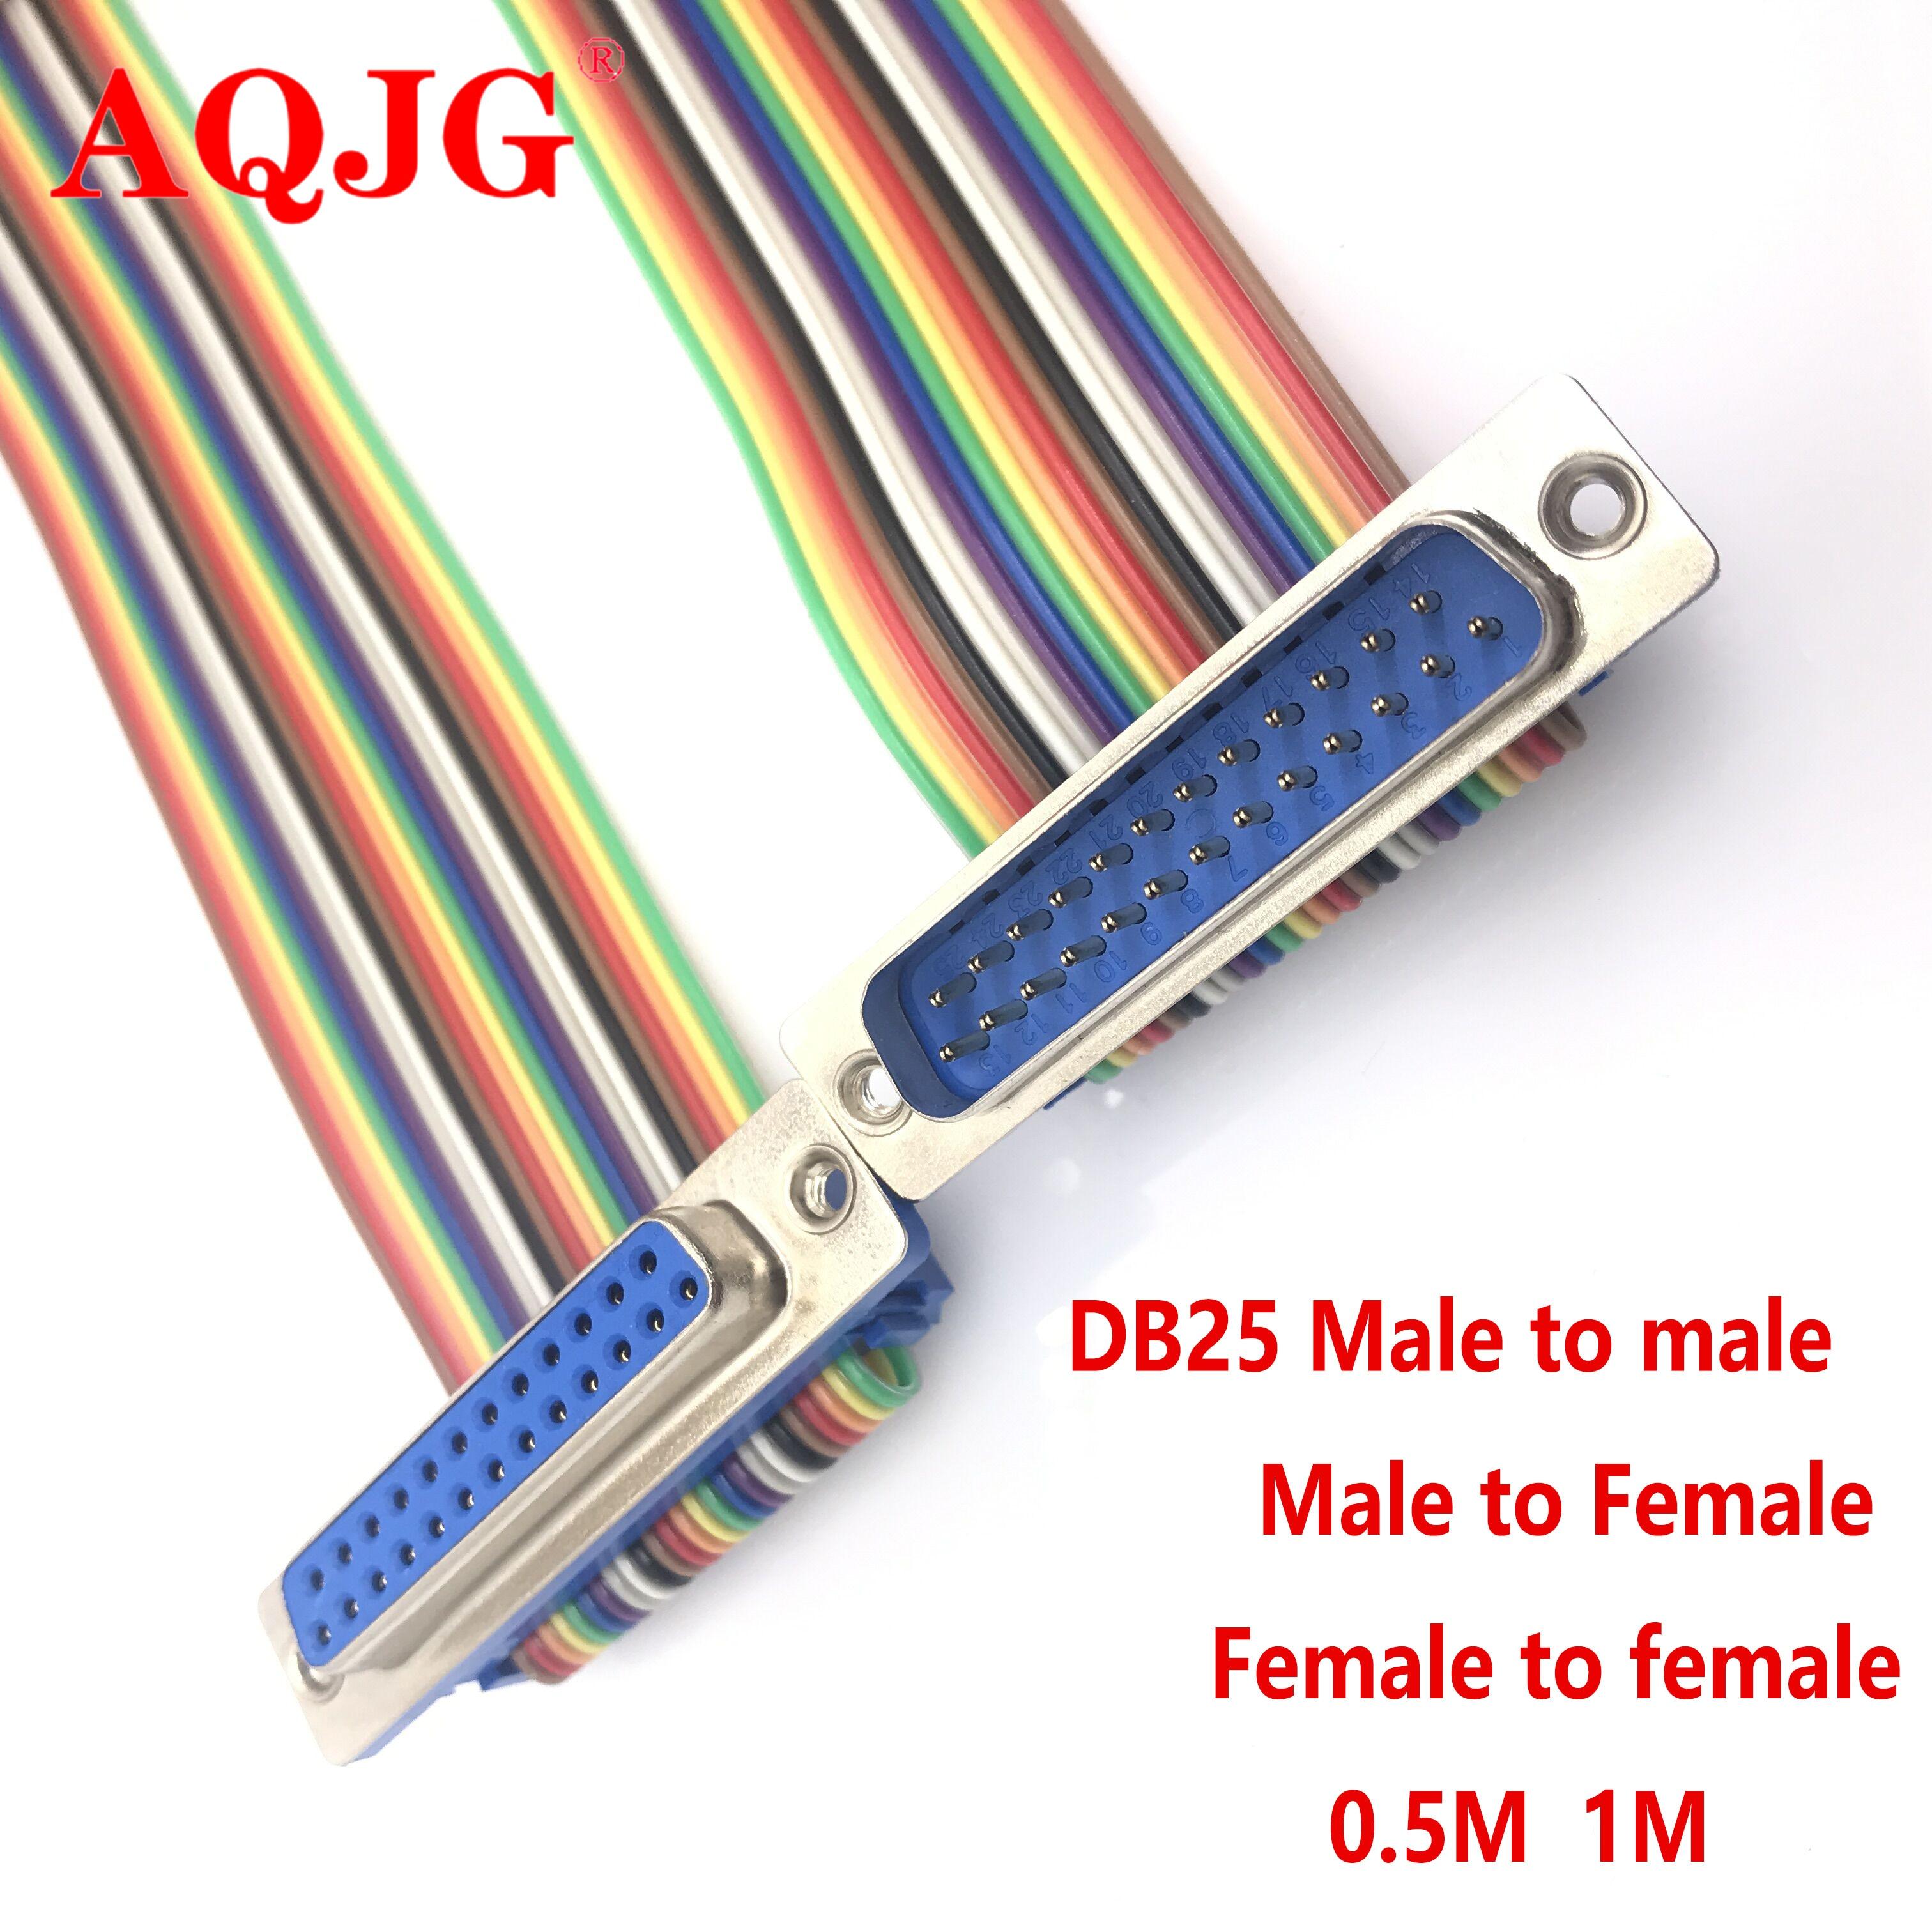 Angepasst DB9 DB15 DB25 DB37 männlich zu weiblich verlängerung kabel DIDC kabel verbindung kabel COM serielle DR